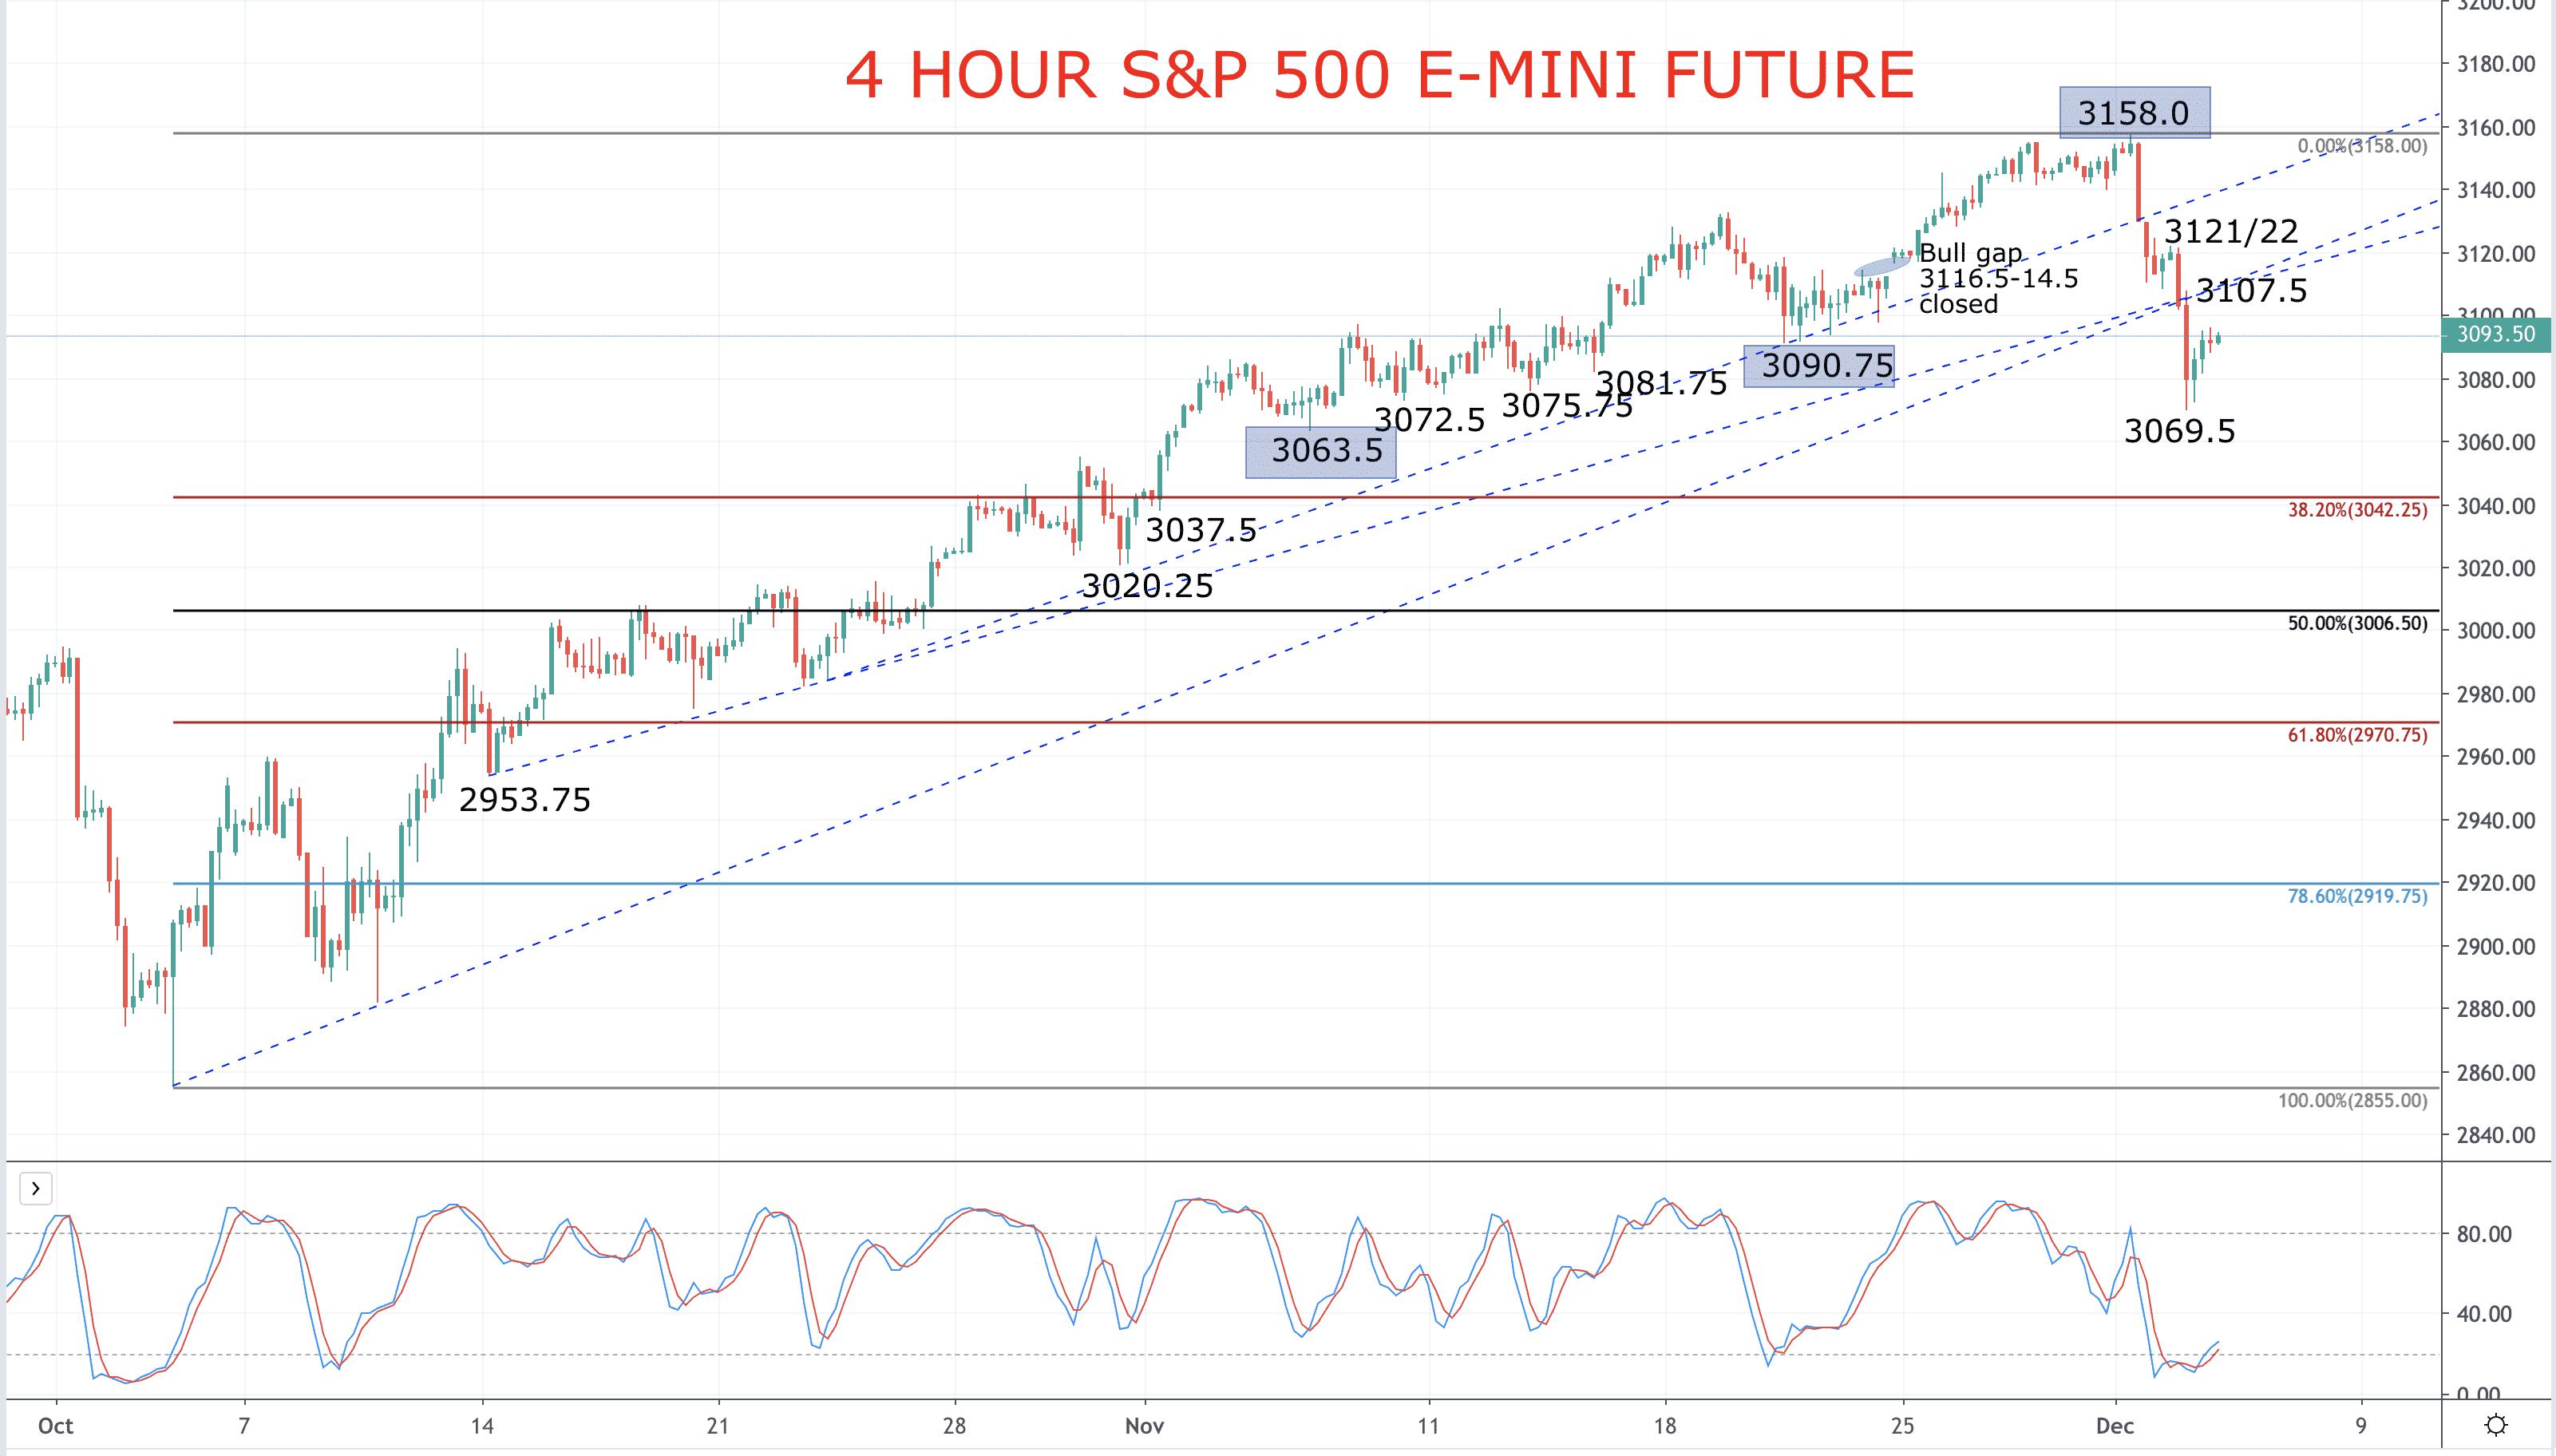 US Stock Averages plunge (S&P 500 forecast) Image